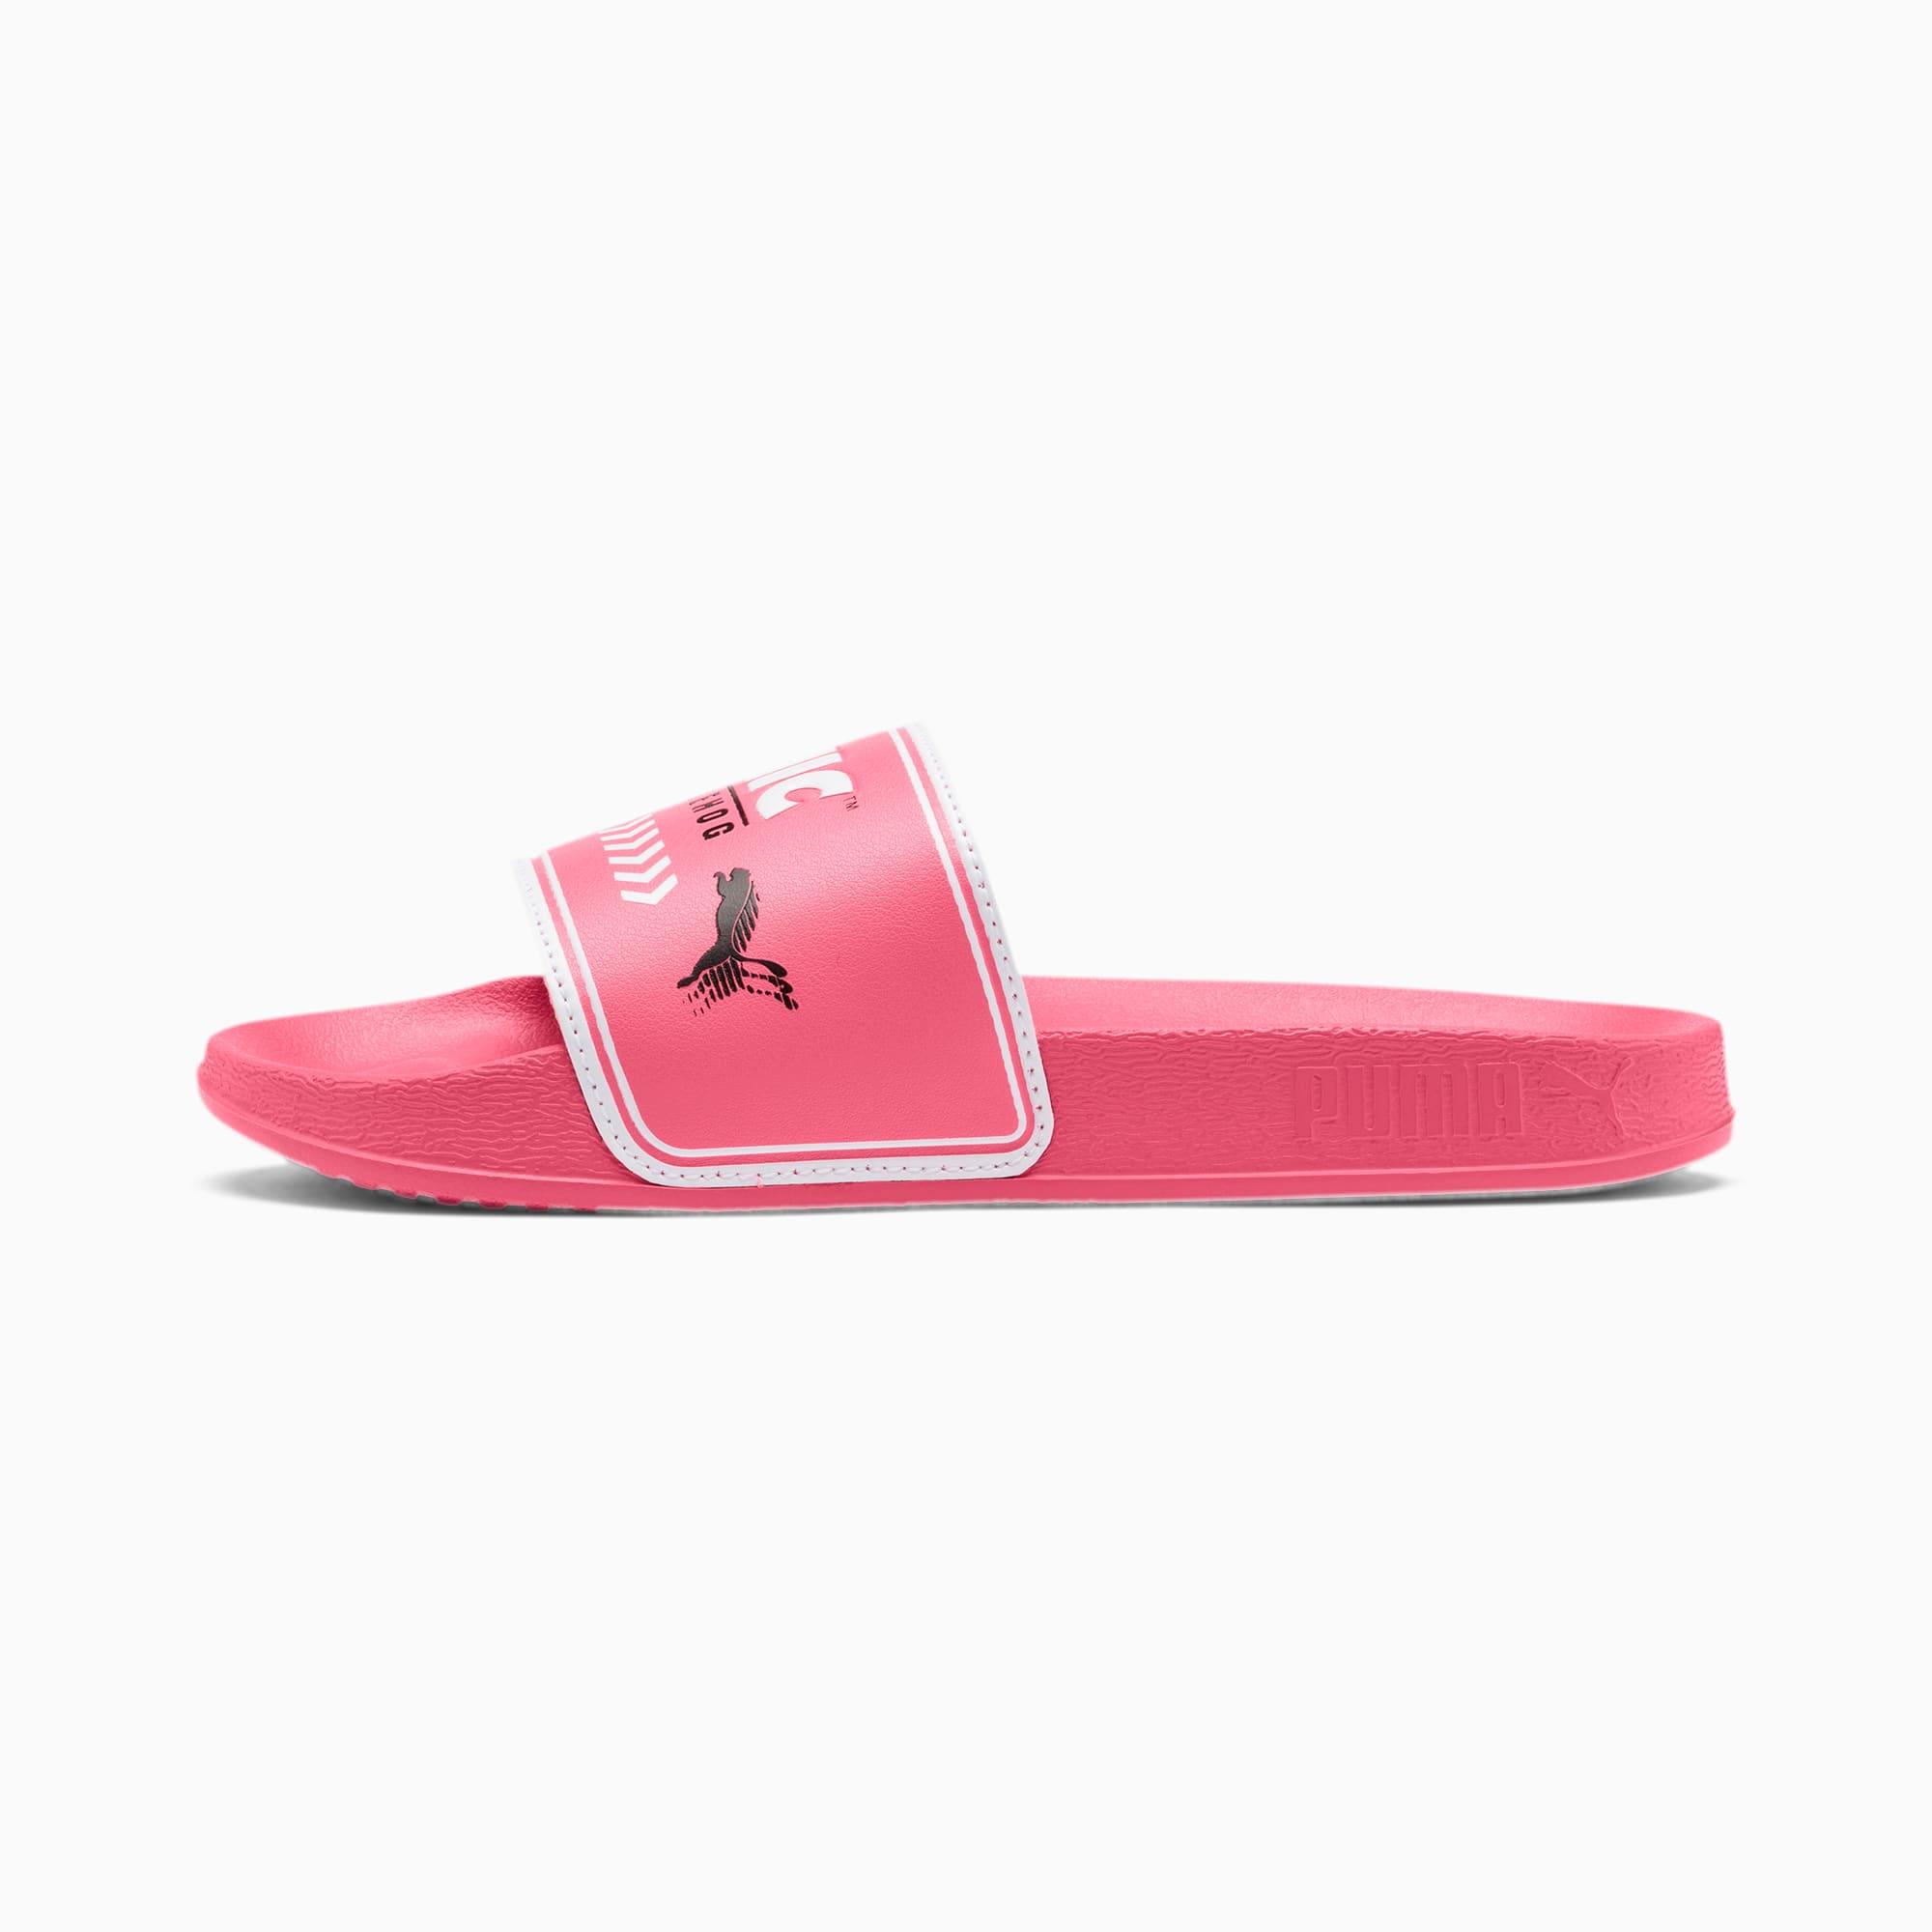 PUMA Sandale PUMA x SONIC Leadcat pour enfant, Blanc, Taille 33, Chaussures